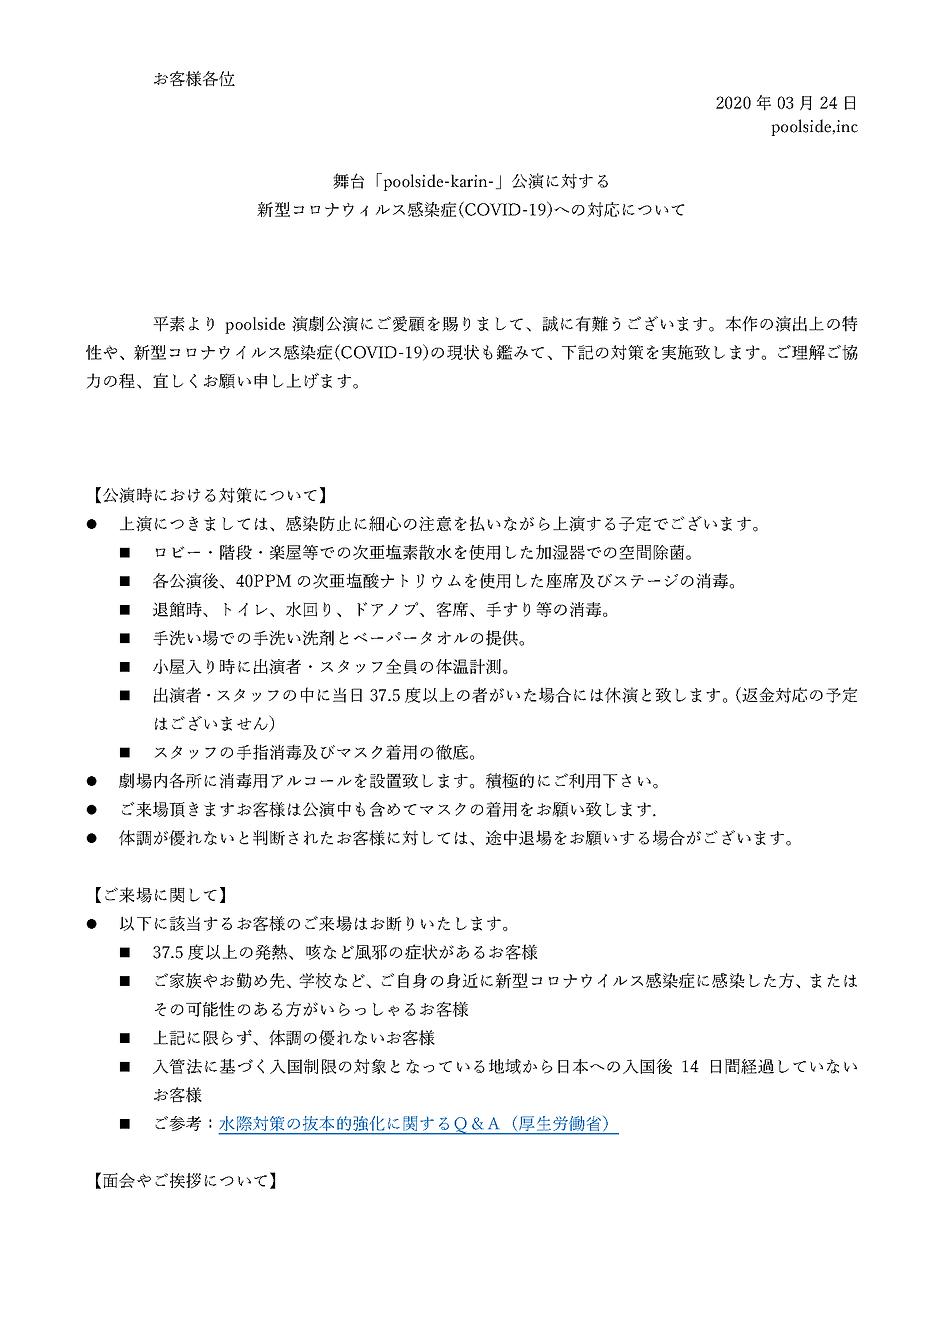 COVID-19に関して_20200324_ページ_1.png